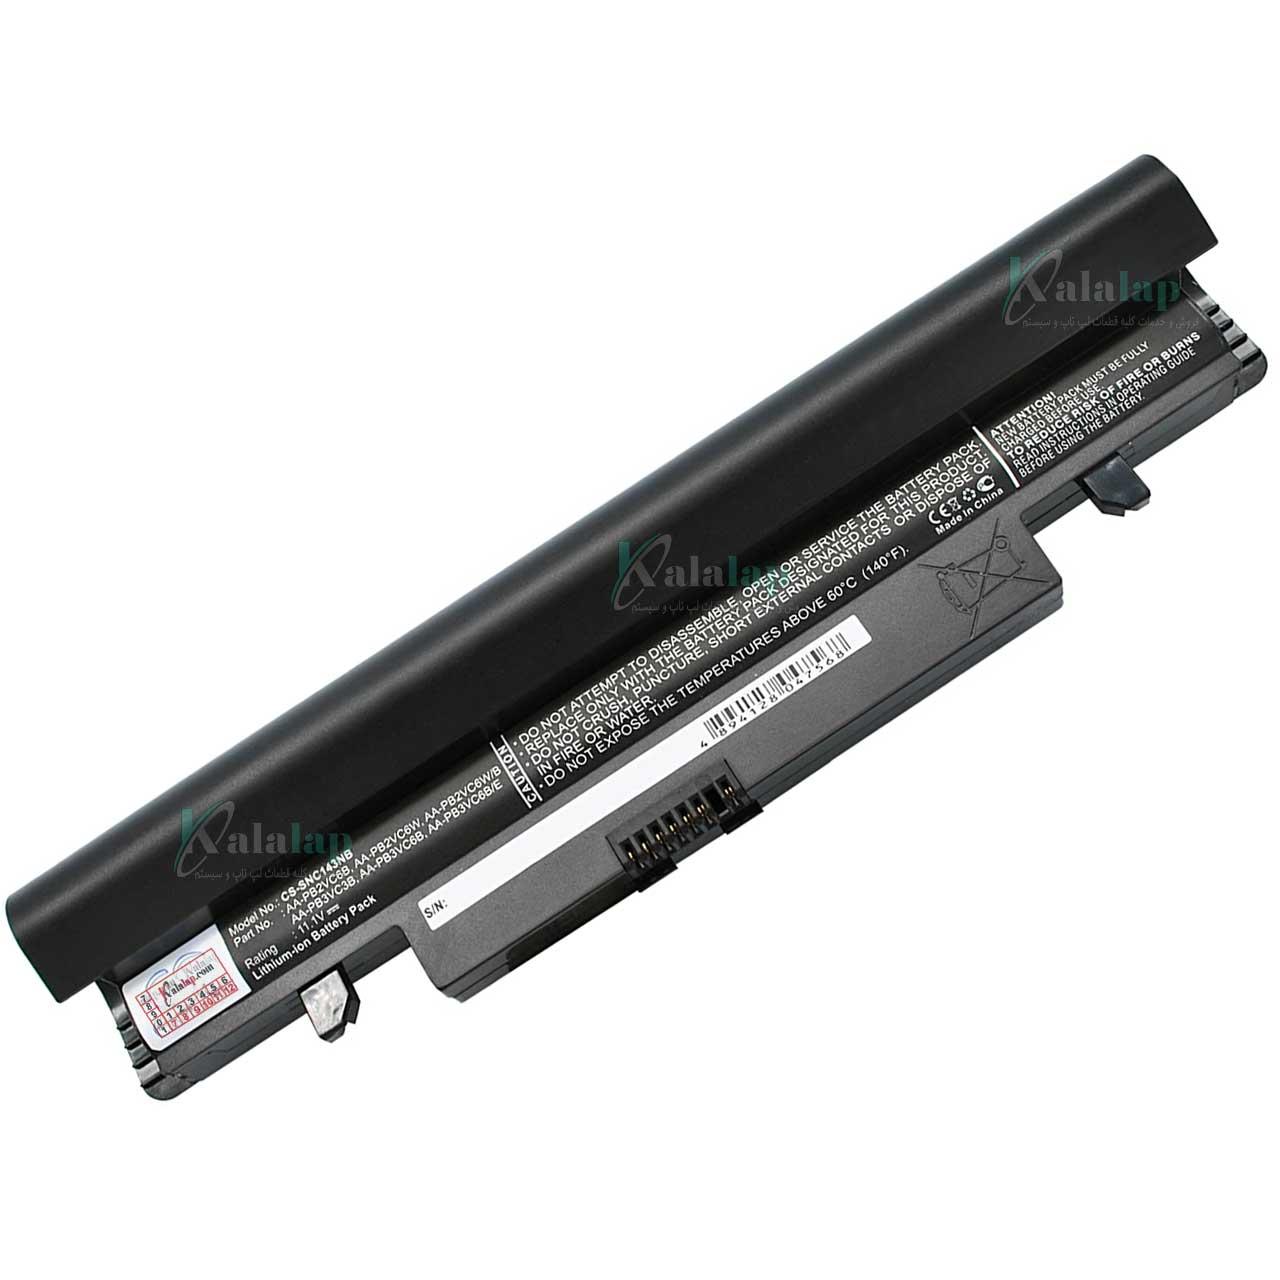 باتری لپ تاپ سامسونگ Battery Laptop Samsung N150